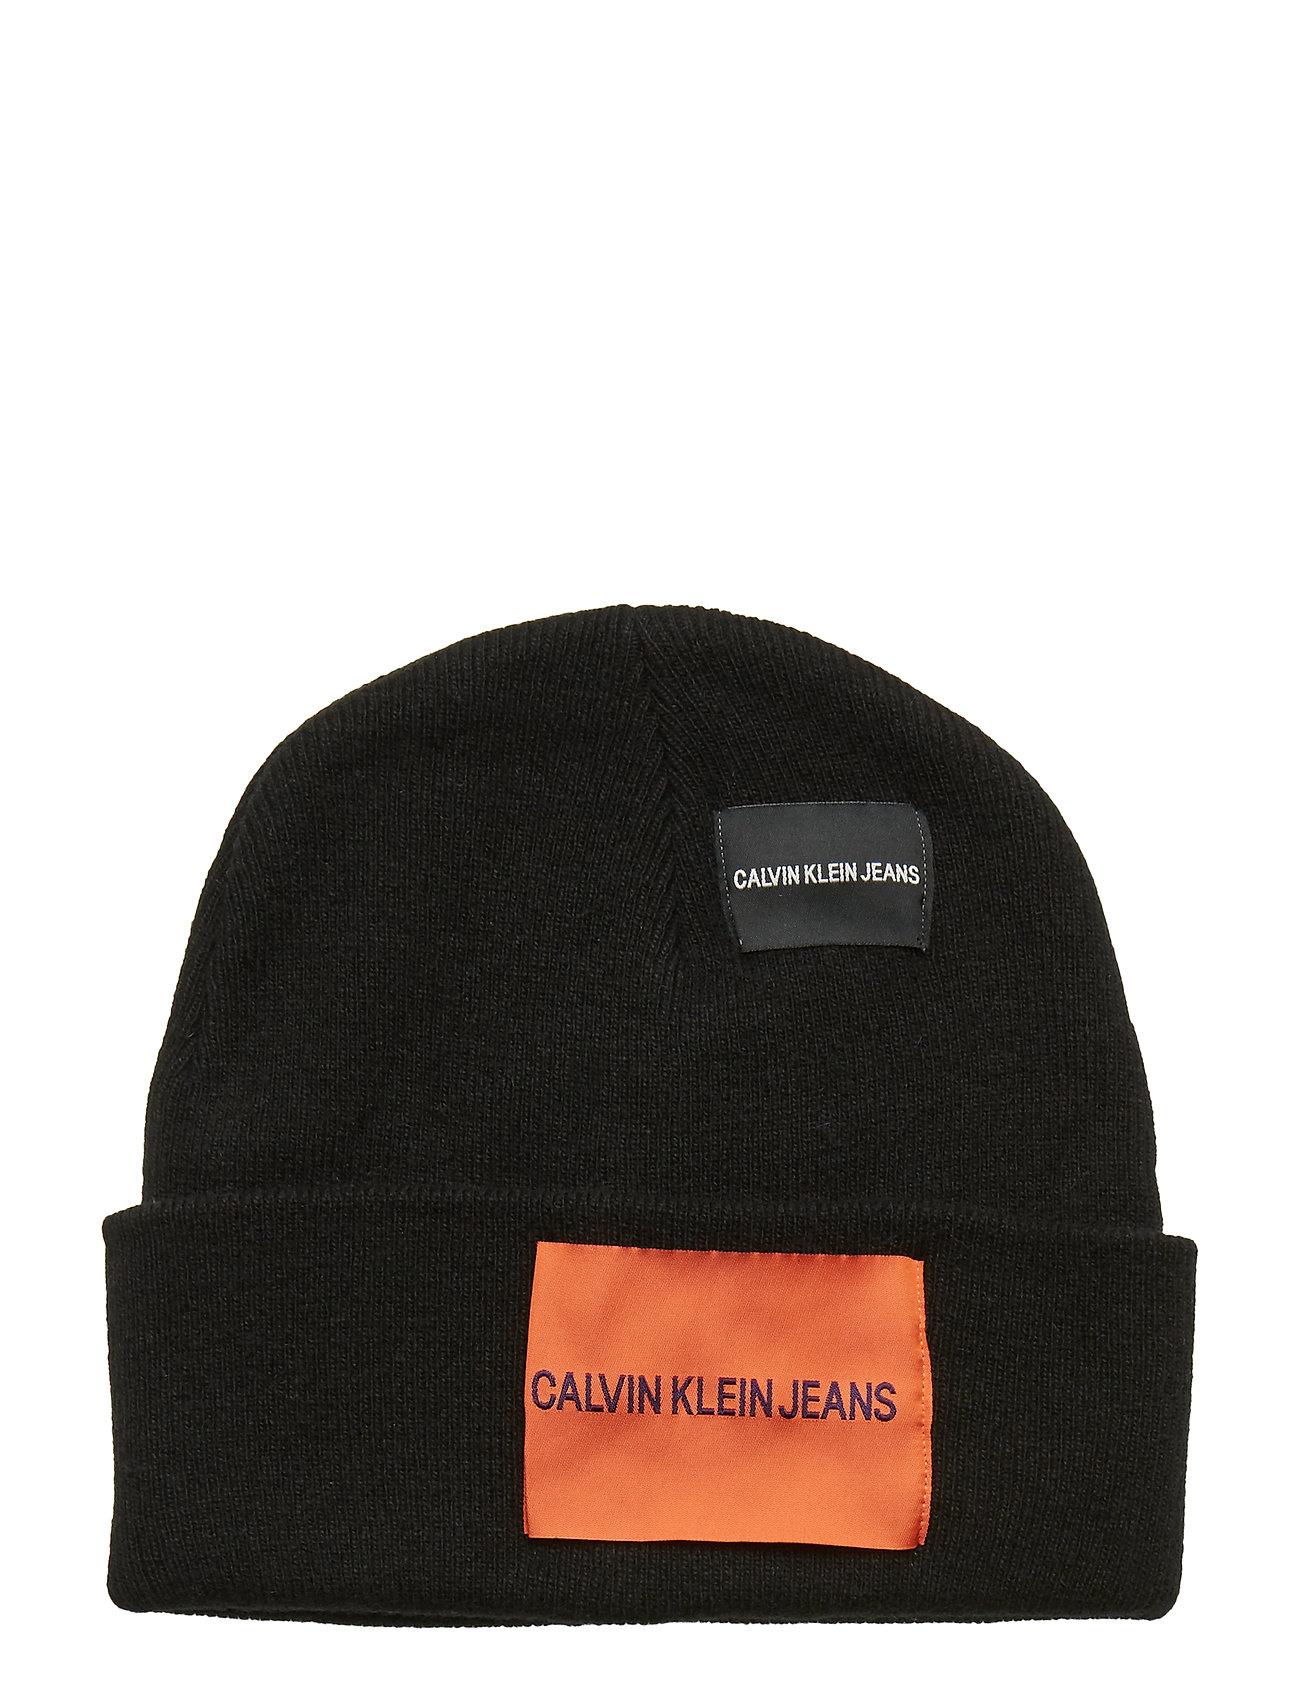 4fb8551df4a Calvin Klein J Patches Beanie M (Black Beauty)